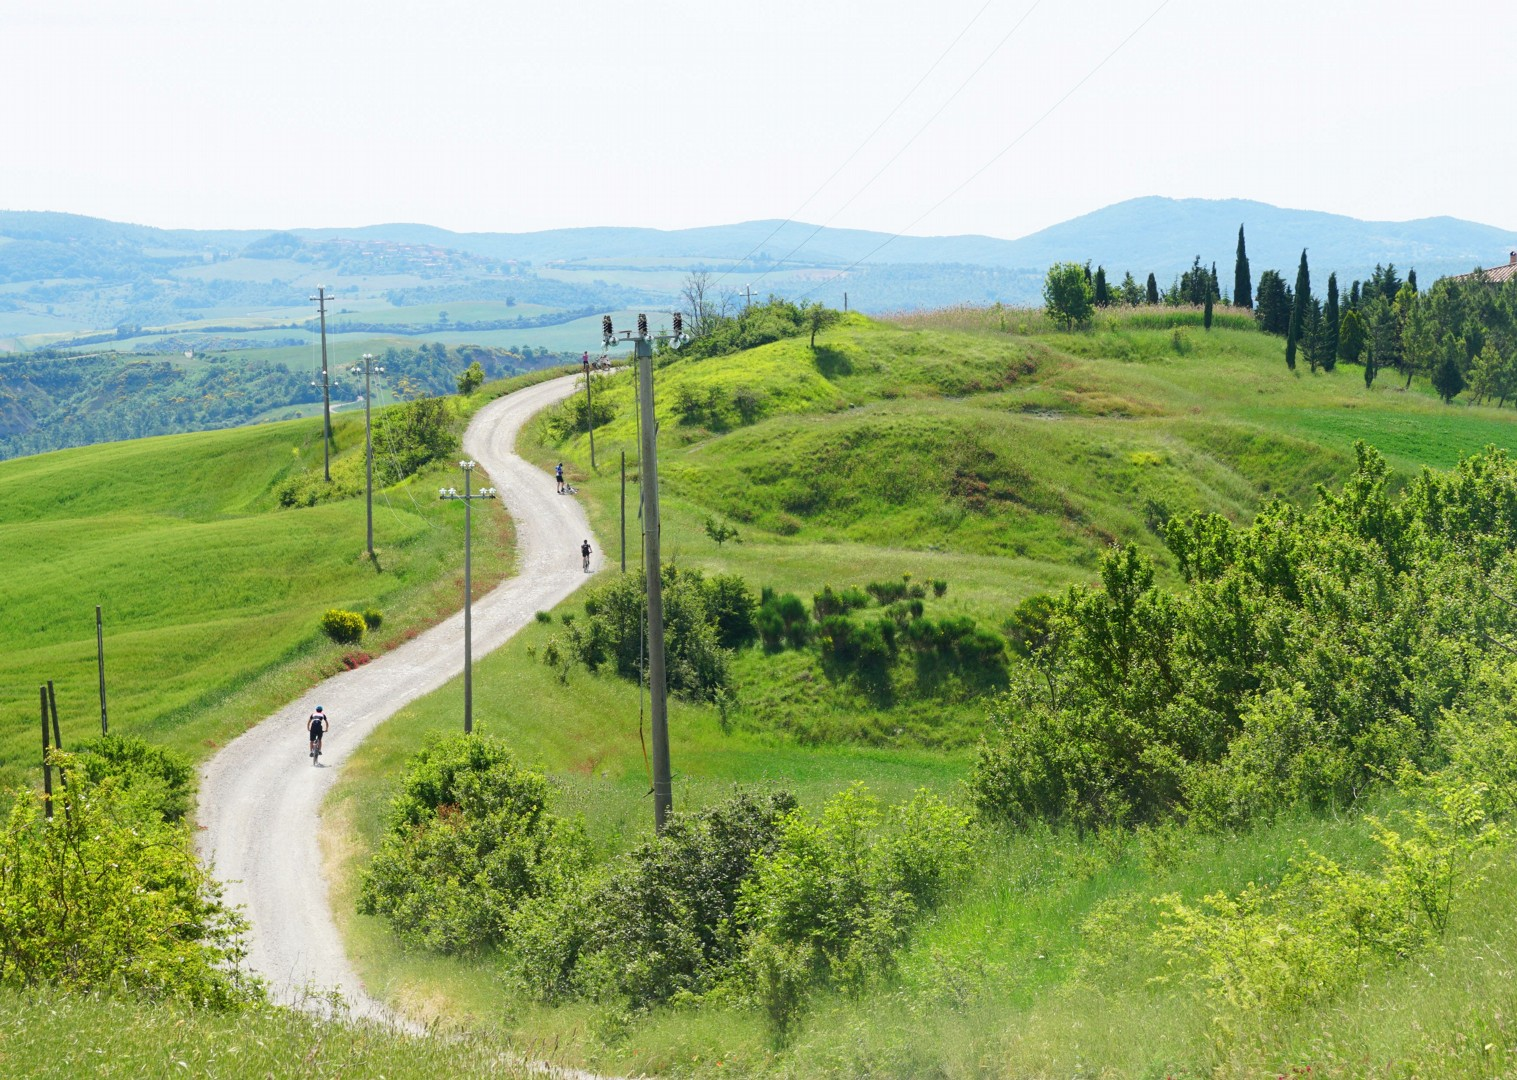 35066948333_5ca5db8afc_o.jpg - Italy - Via Francigena (Tuscany to Rome) - Mountain Biking